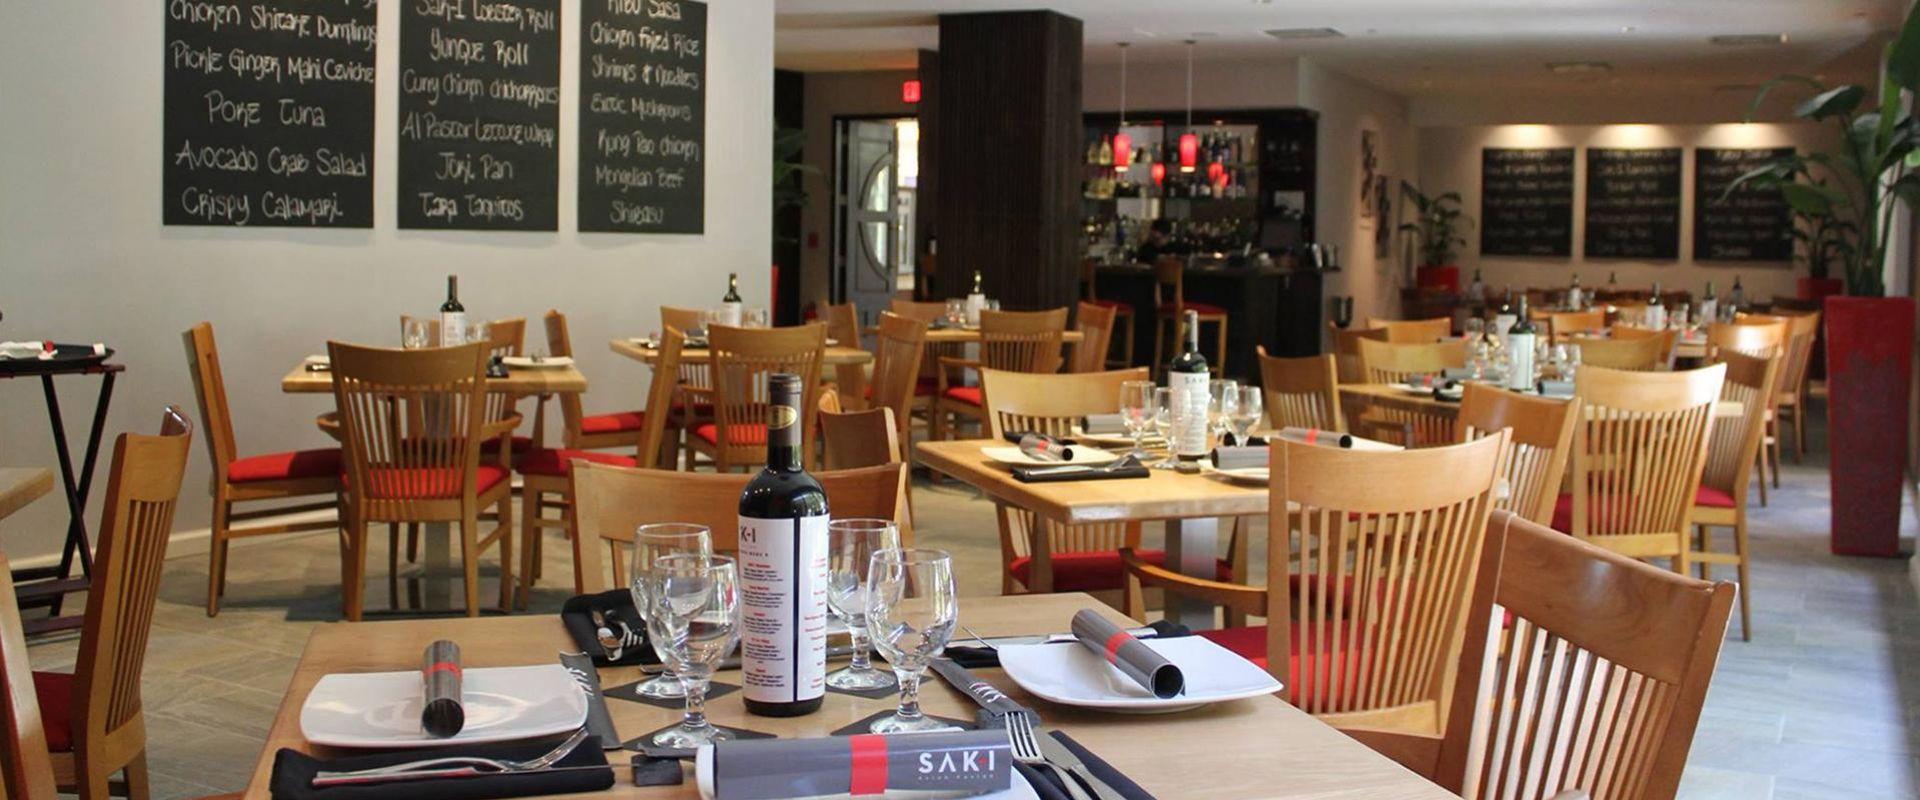 San Juan Resort Casual Dining Restaurant